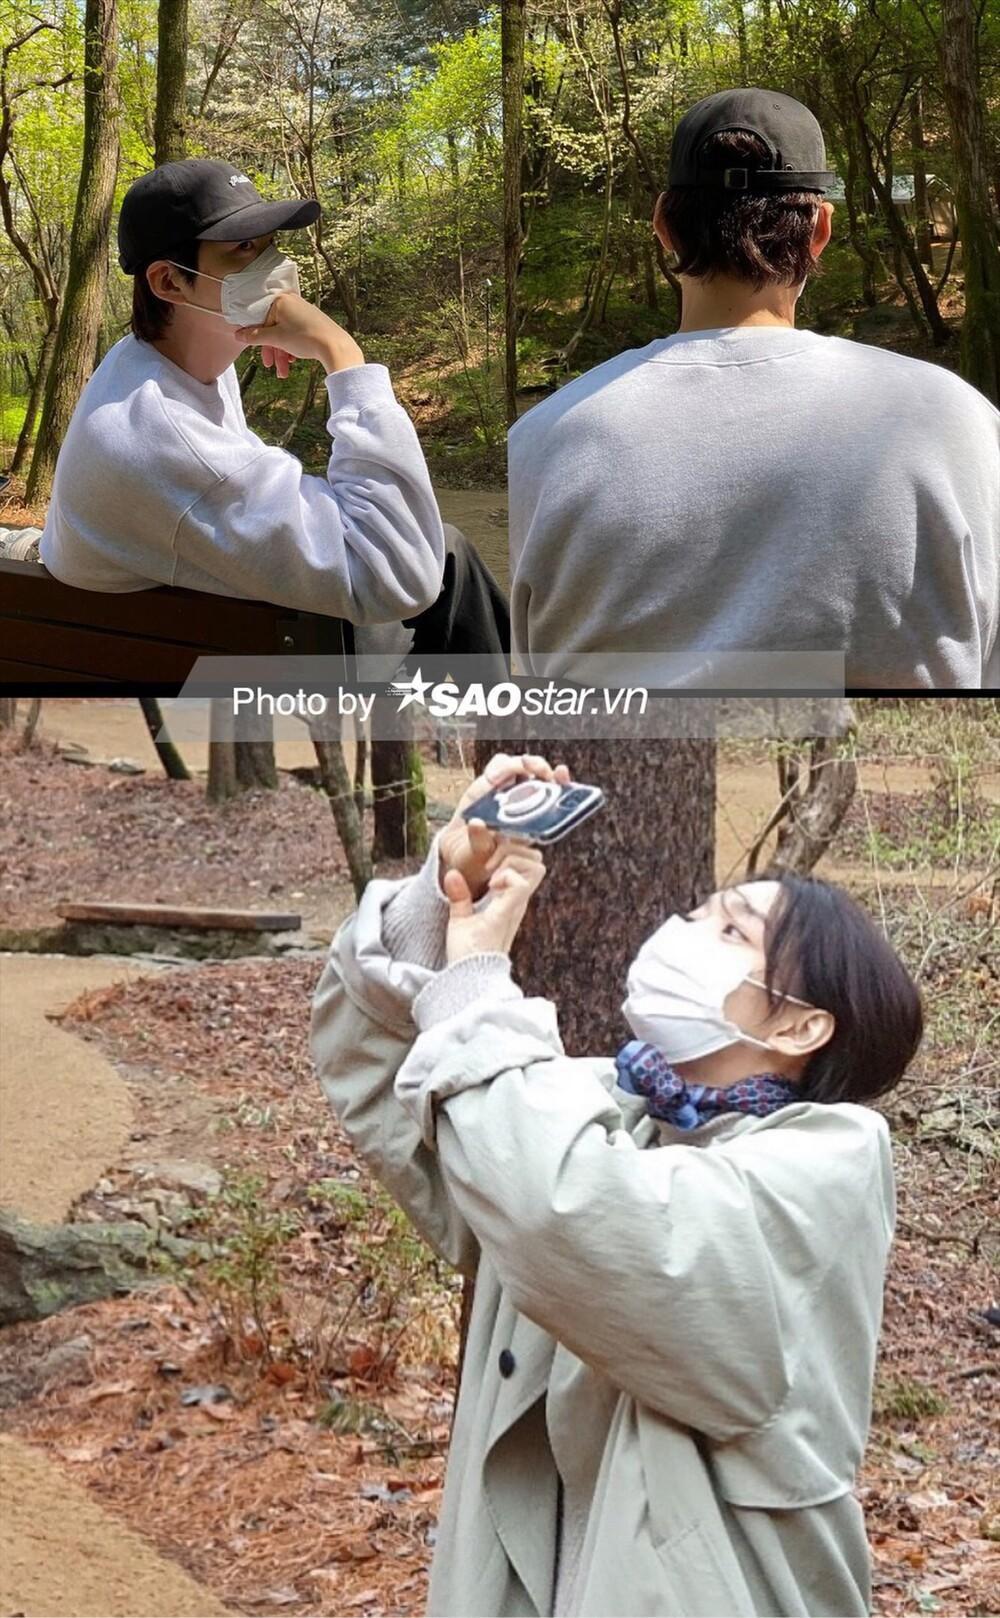 Độc quyền: Lộ loạt ảnh hẹn hò, diện đồ đôi của Shin Min Ah - Kim Woo Bin trước 'hôn lễ thế kỷ' Ảnh 14